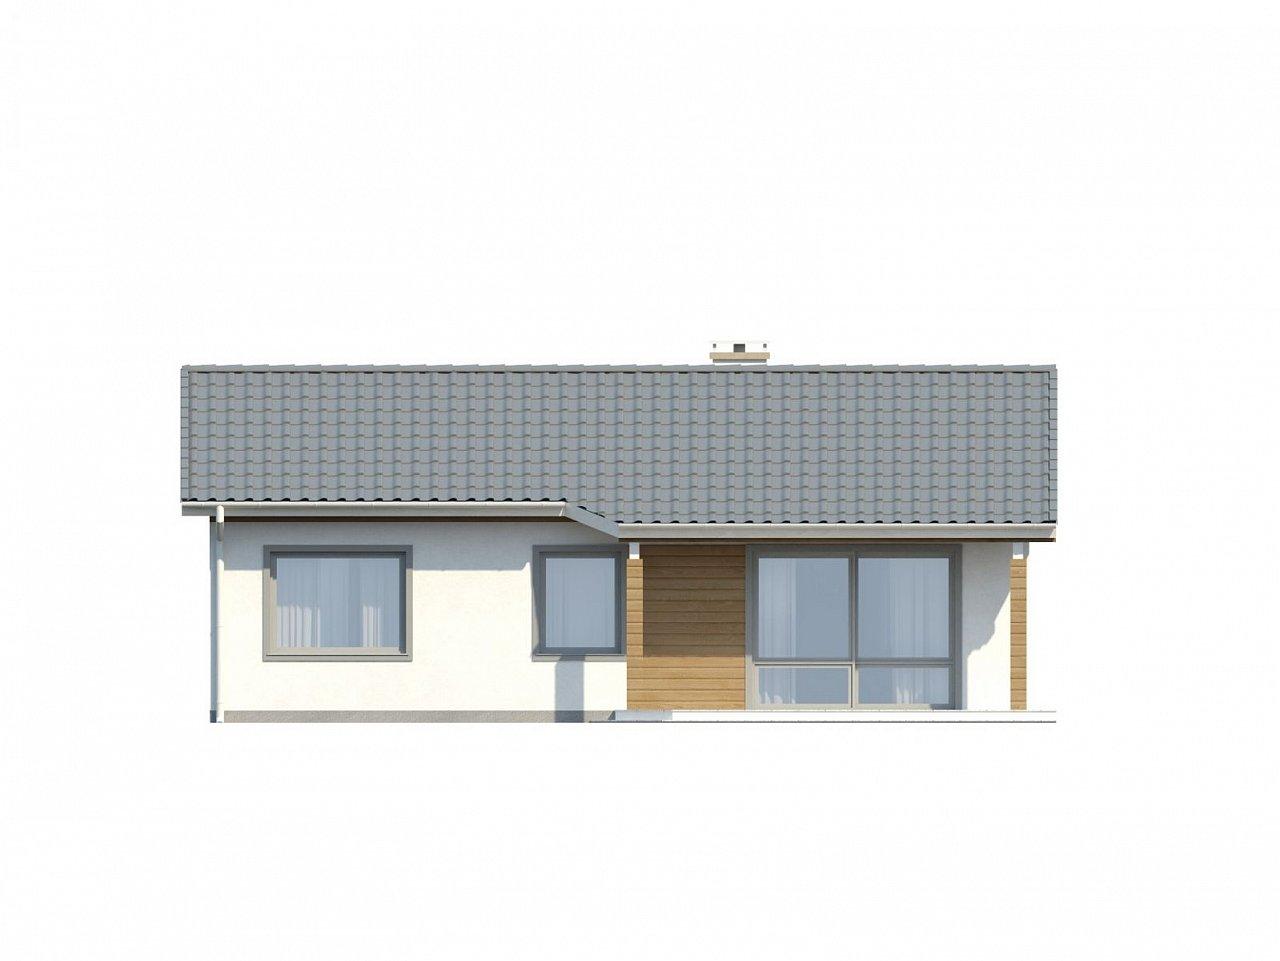 Функциональный и практичный проект дома Z7 в каркасном исполнении - фото 22